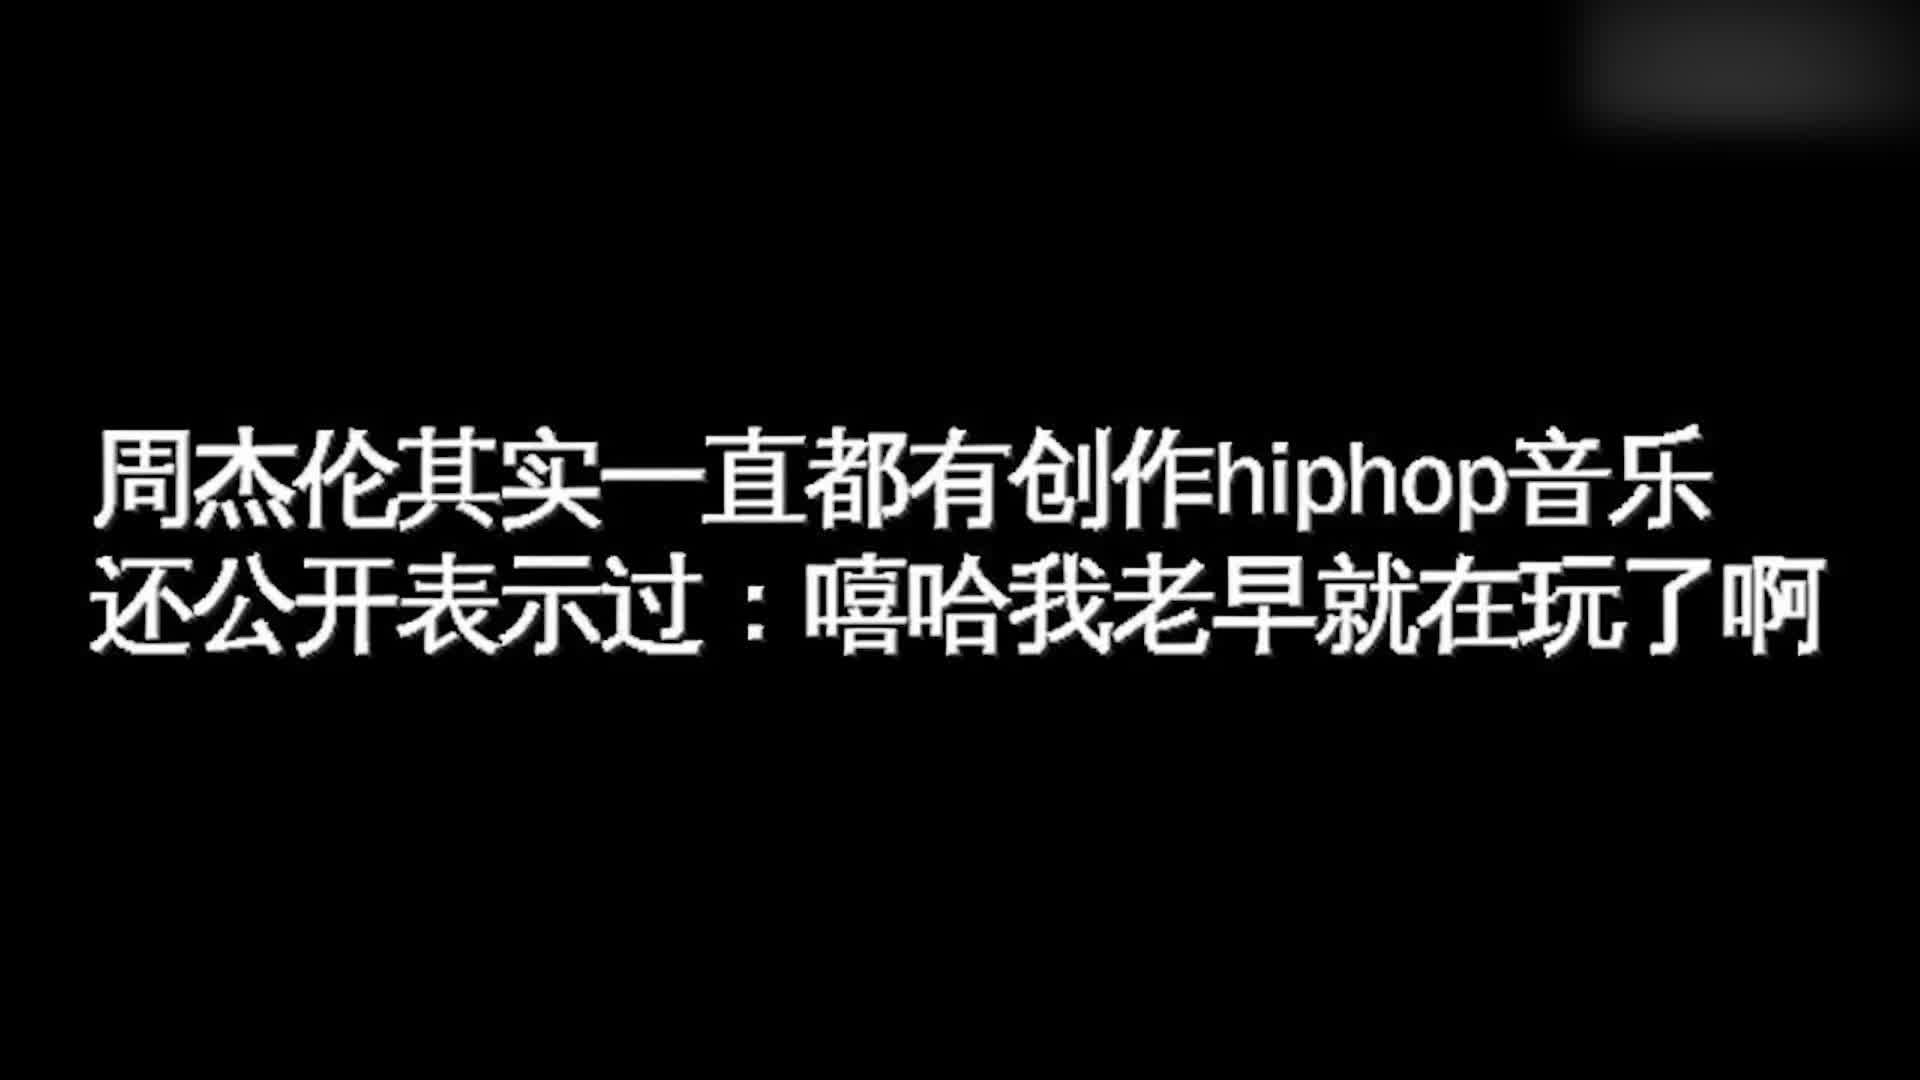 #经典看电影#周杰伦虽然没来《中国新说唱》,但他的徒弟来了!你看好吗?